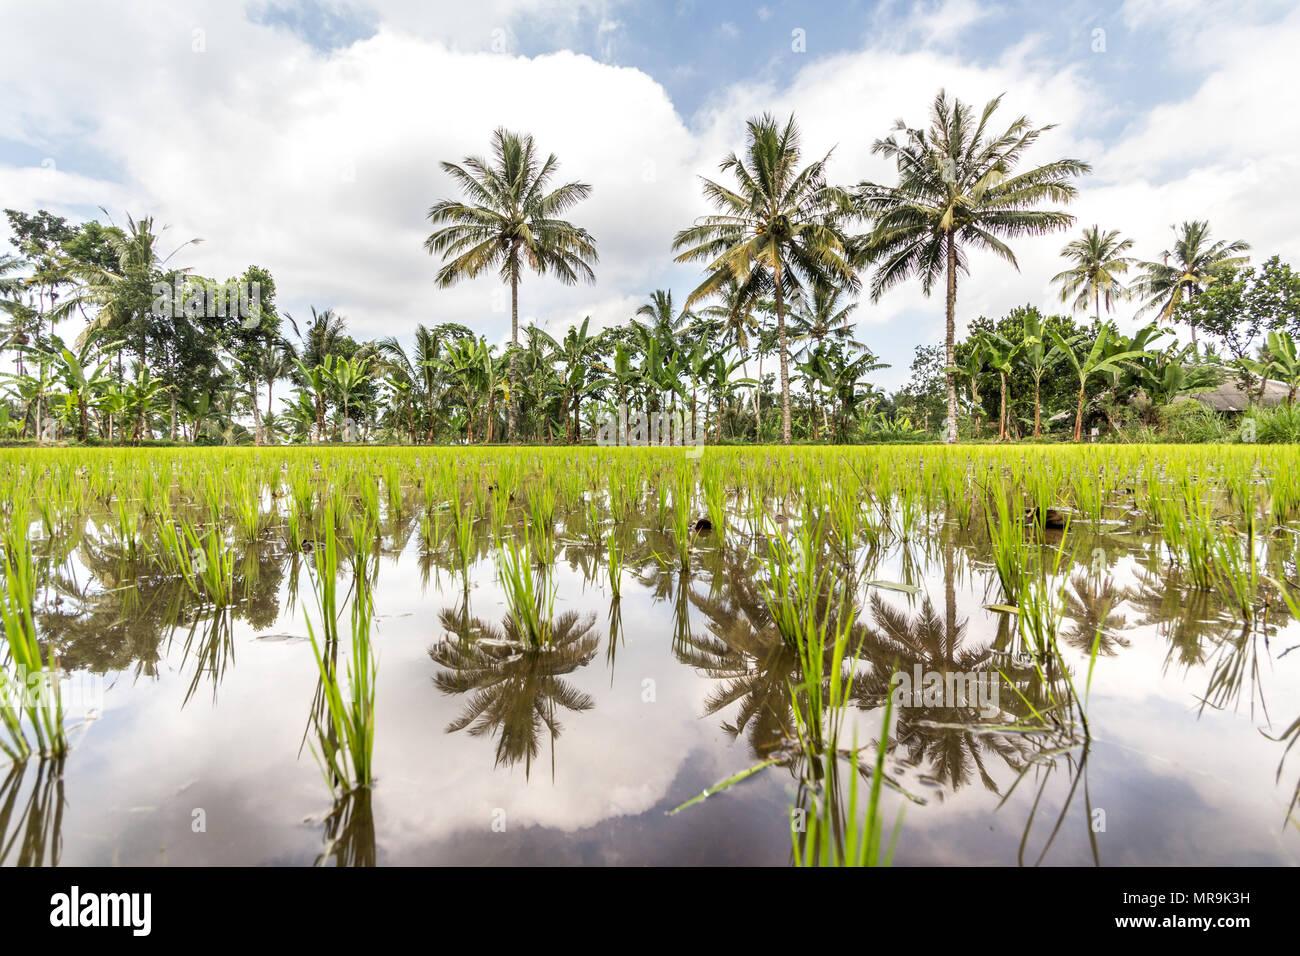 Les rizières, Indonésie Photo Stock